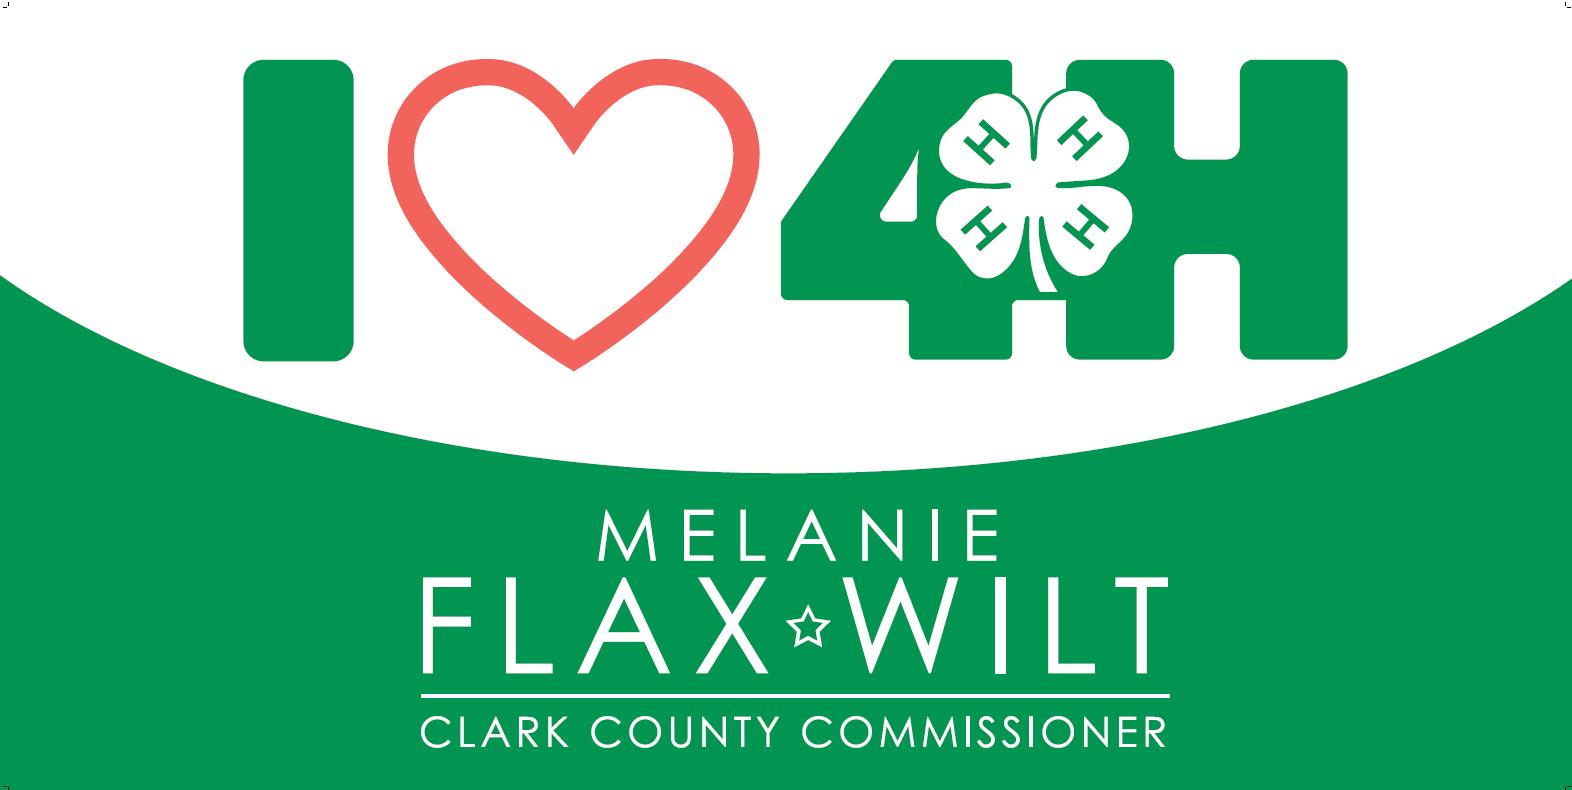 Melanie Flax Wilt